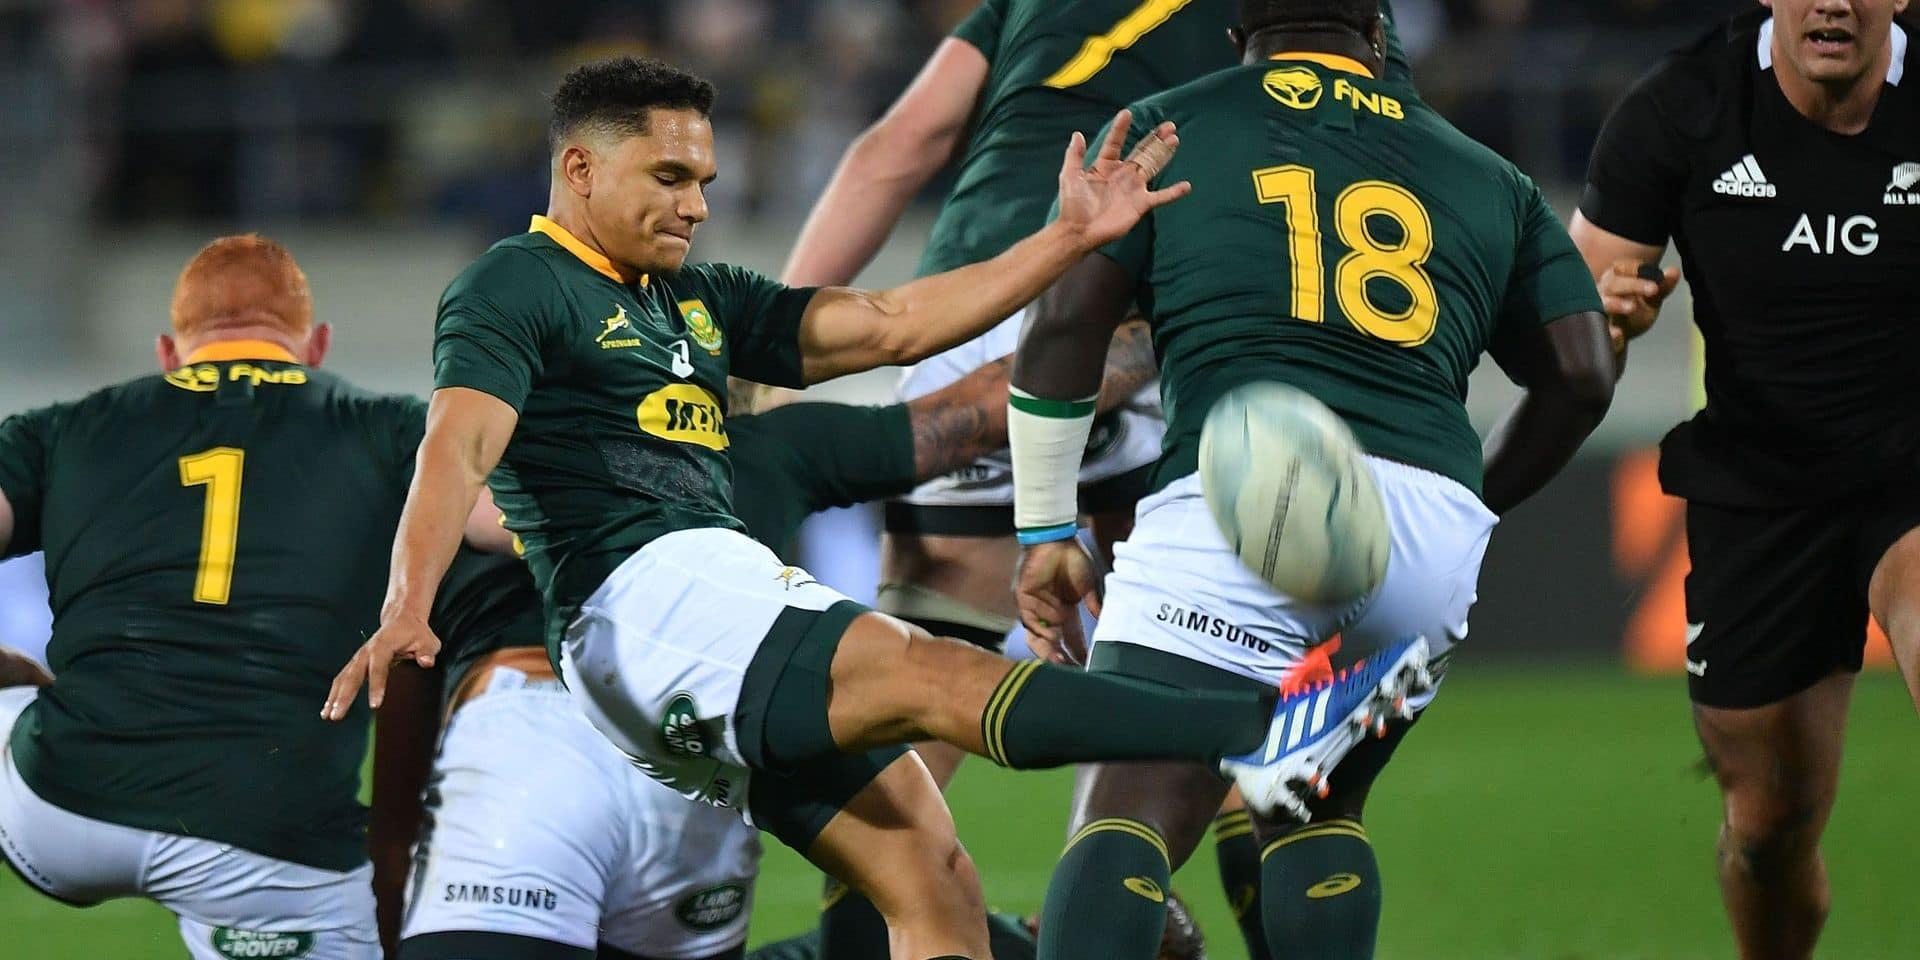 L'Afrique du Sud remporte son premier Rugby Championship après sa victoire en Argentine